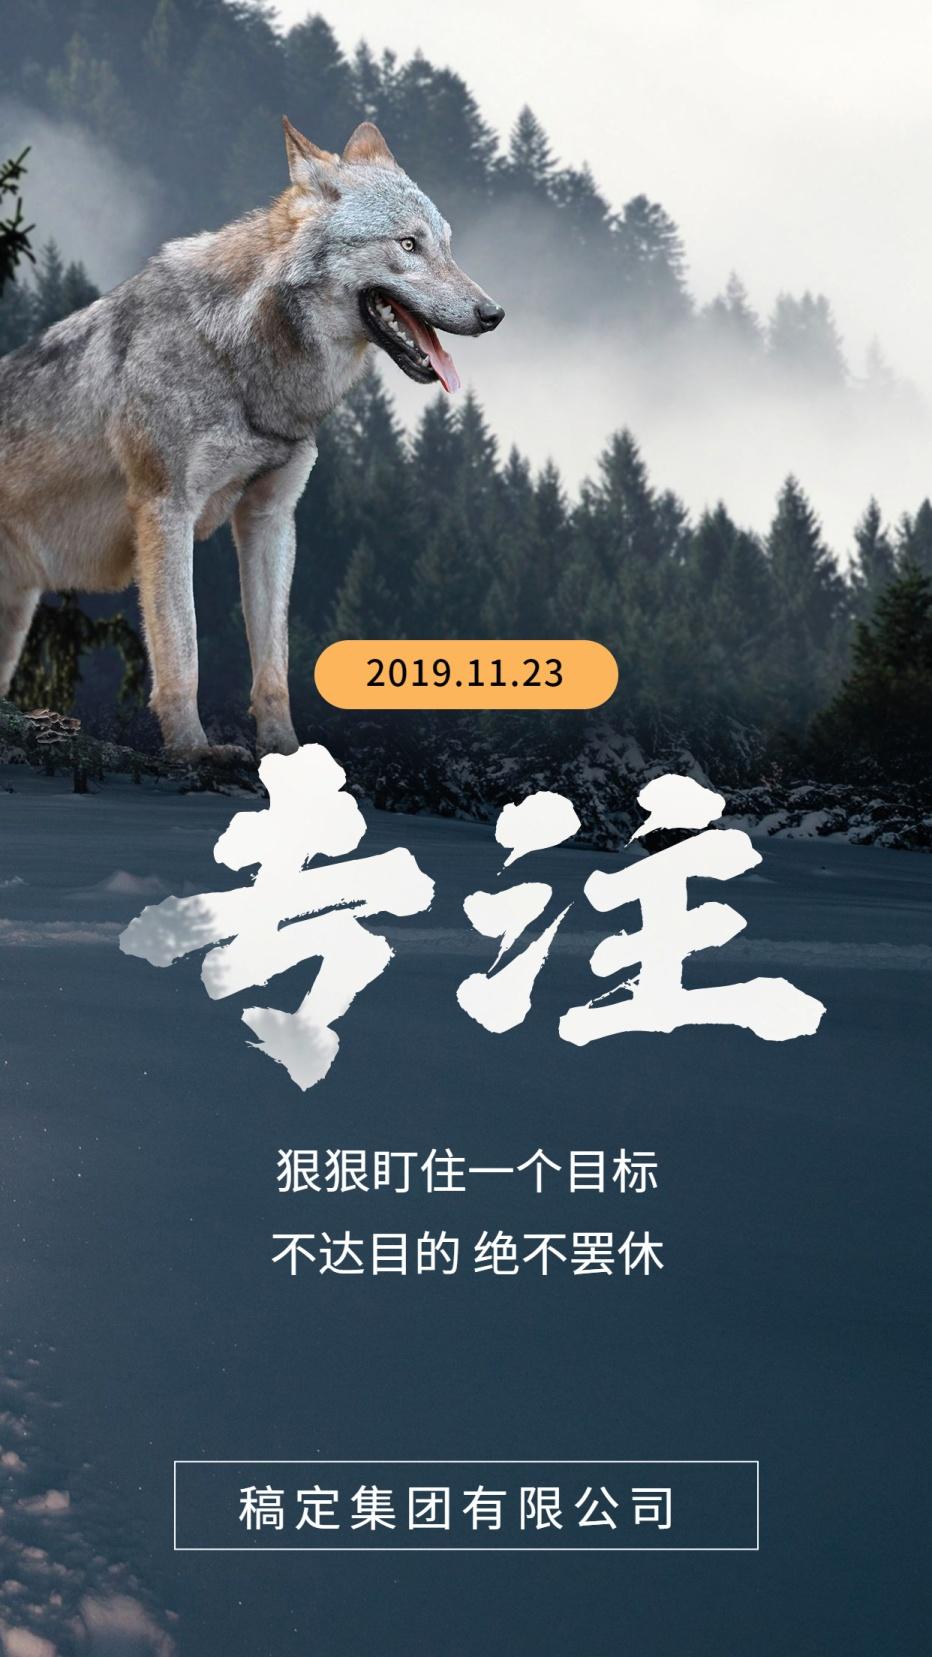 企业文化/励志/专注/简约实景/手机海报